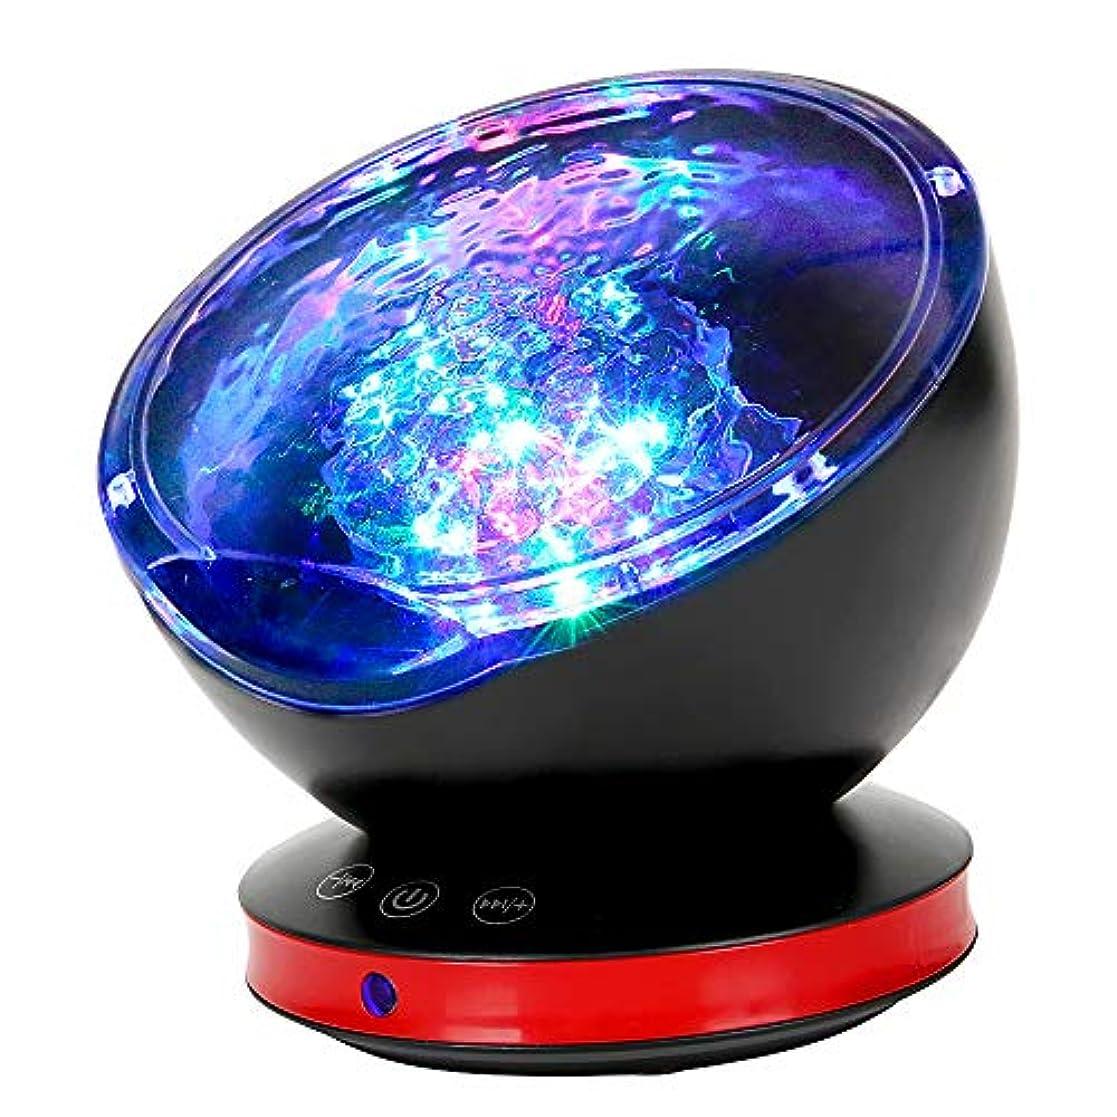 エンターテインメントシャーロックホームズ苦情文句QCY 海洋プロジェクターライト 8種点灯モード 6種音内蔵 USB給電 輝度/角度調整可 スピーカー搭載 ブラック